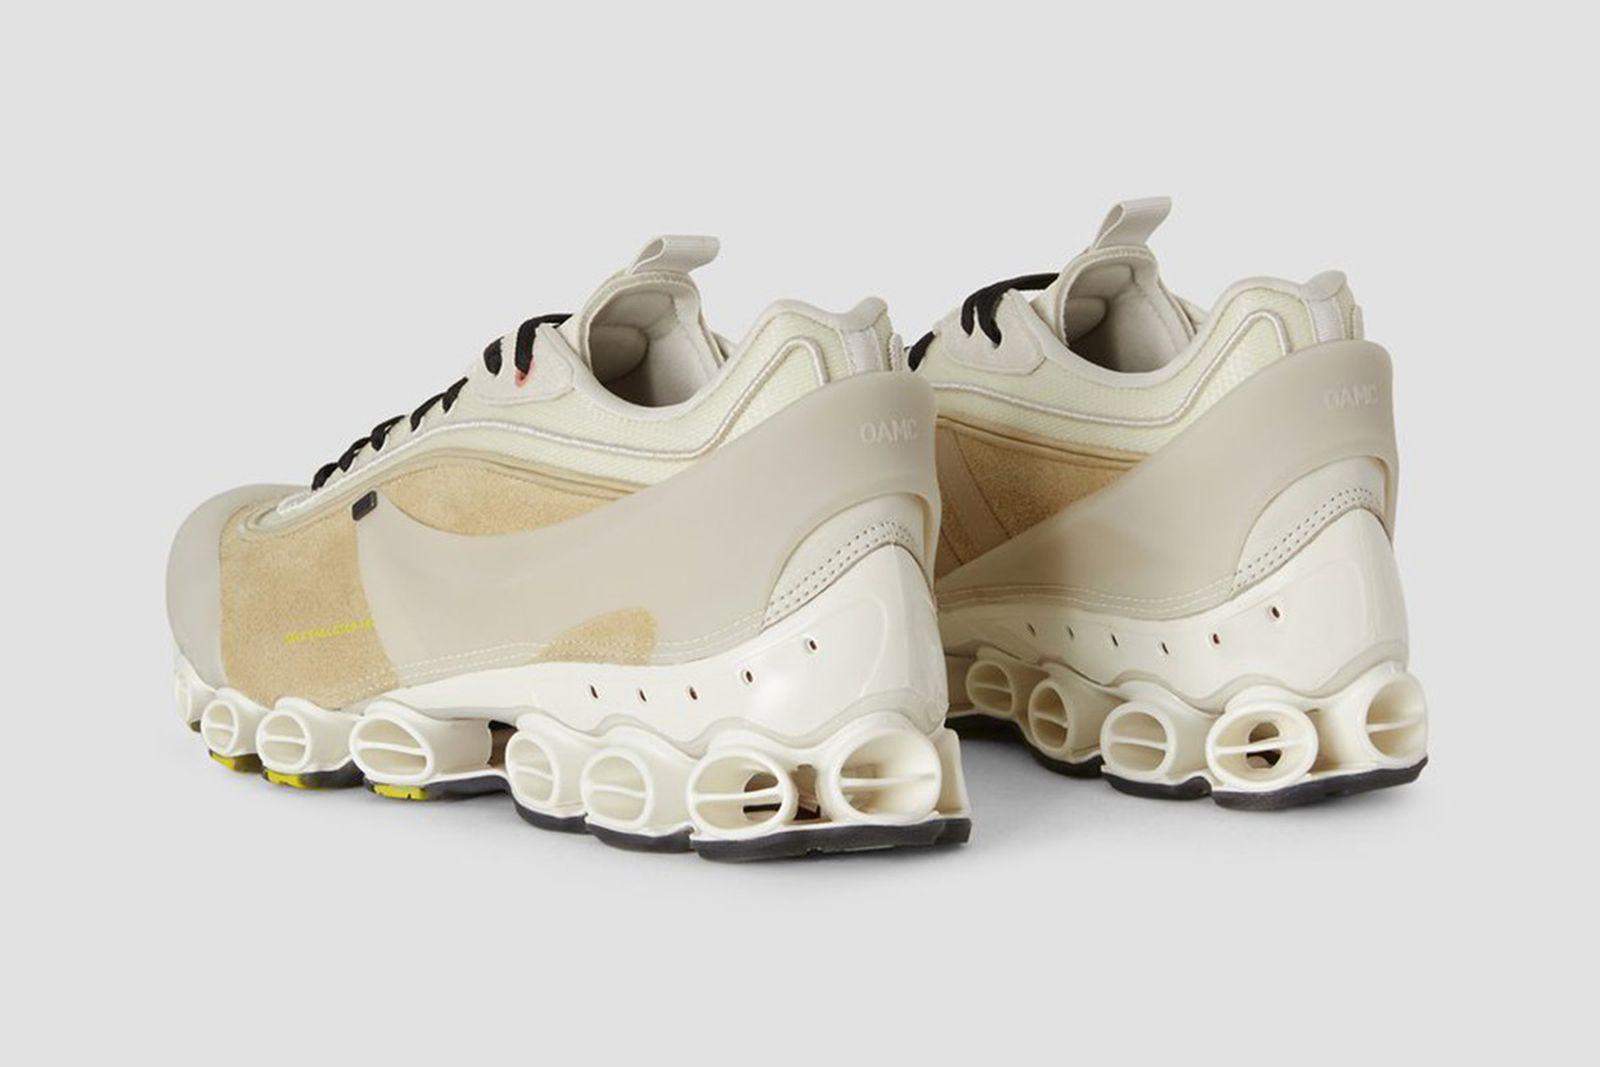 oamc-adidas-originals-type-09-release-date-price-03